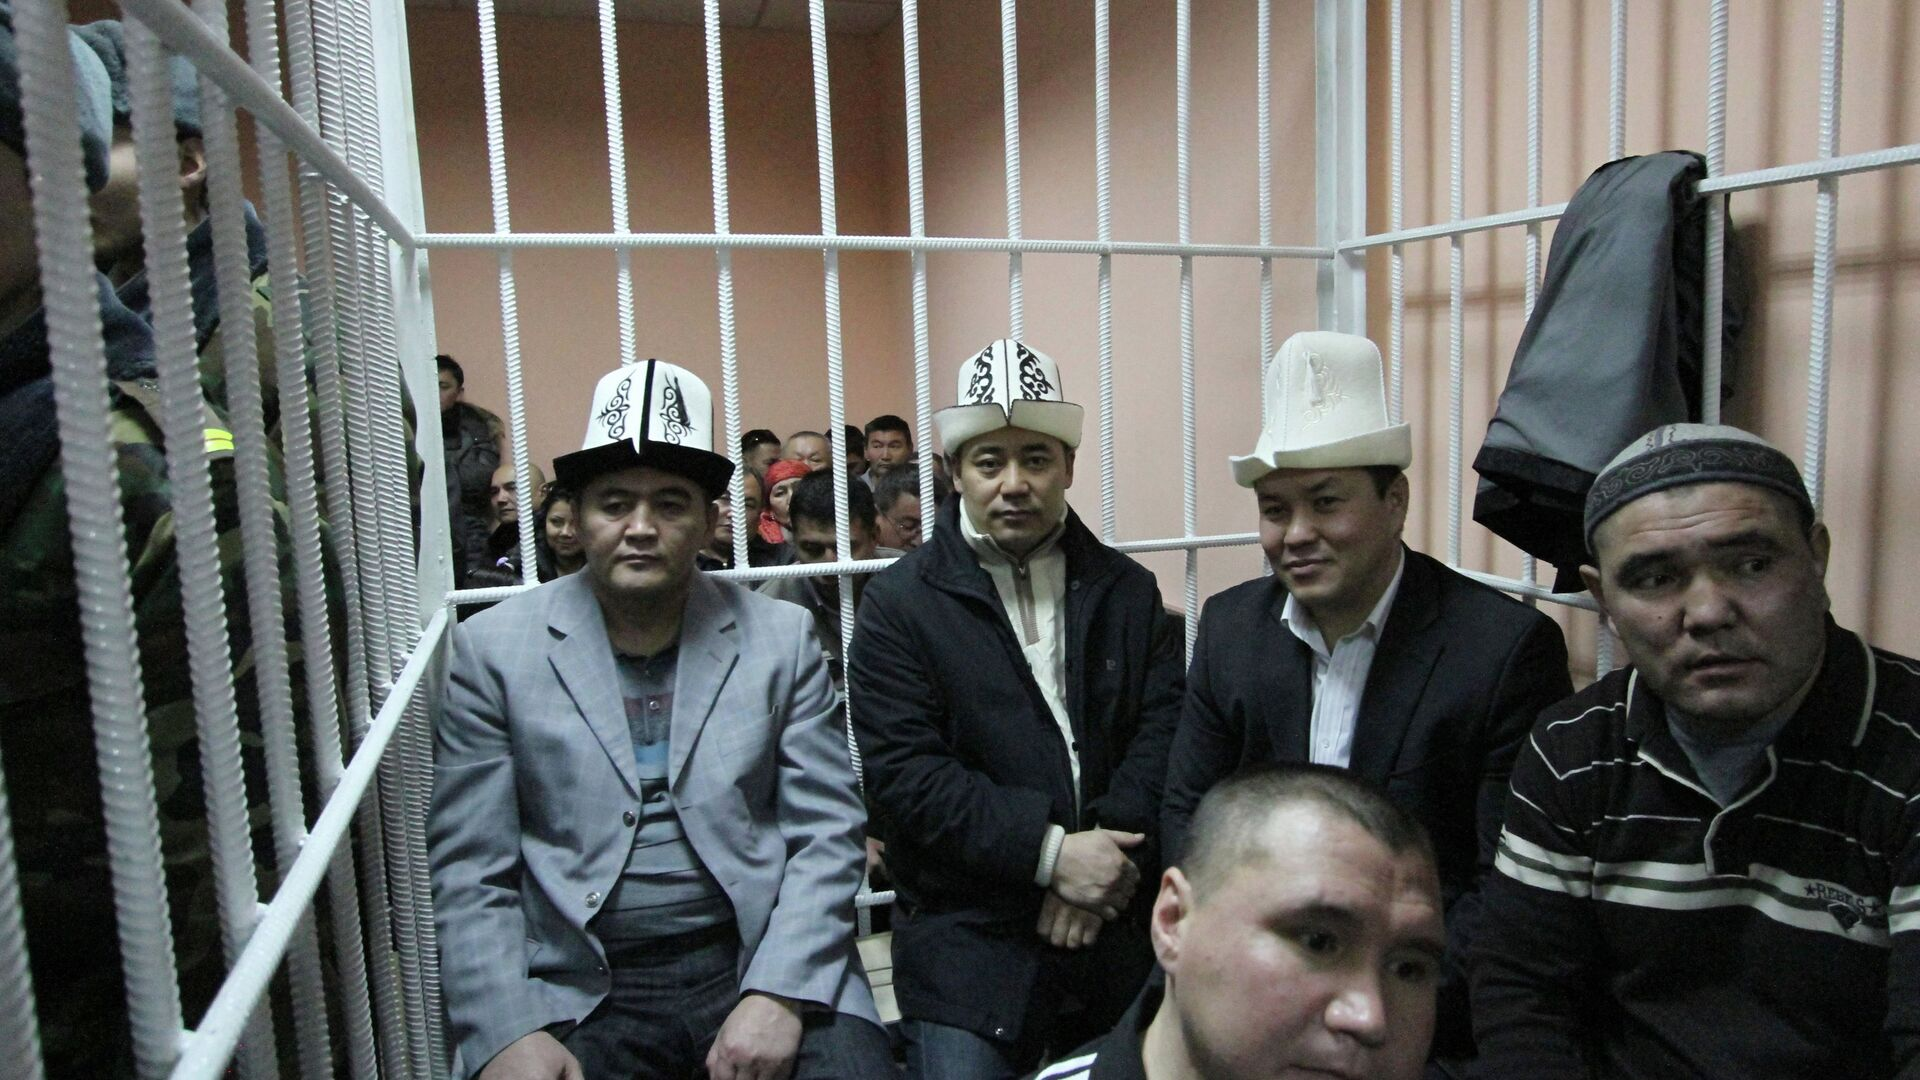 Суд оставил под стражей обвиняемых в захвате власти в Киргизии - РИА Новости, 1920, 06.10.2020